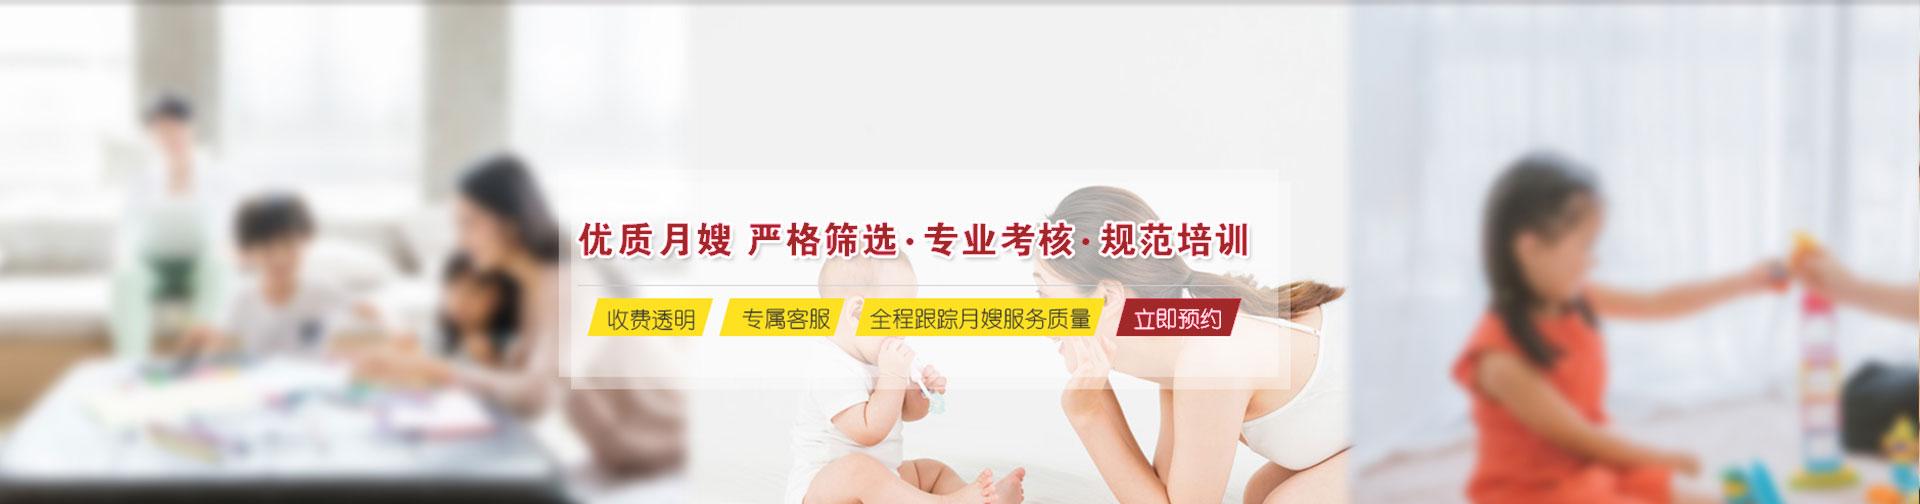 河南布卢家政服务有限公司